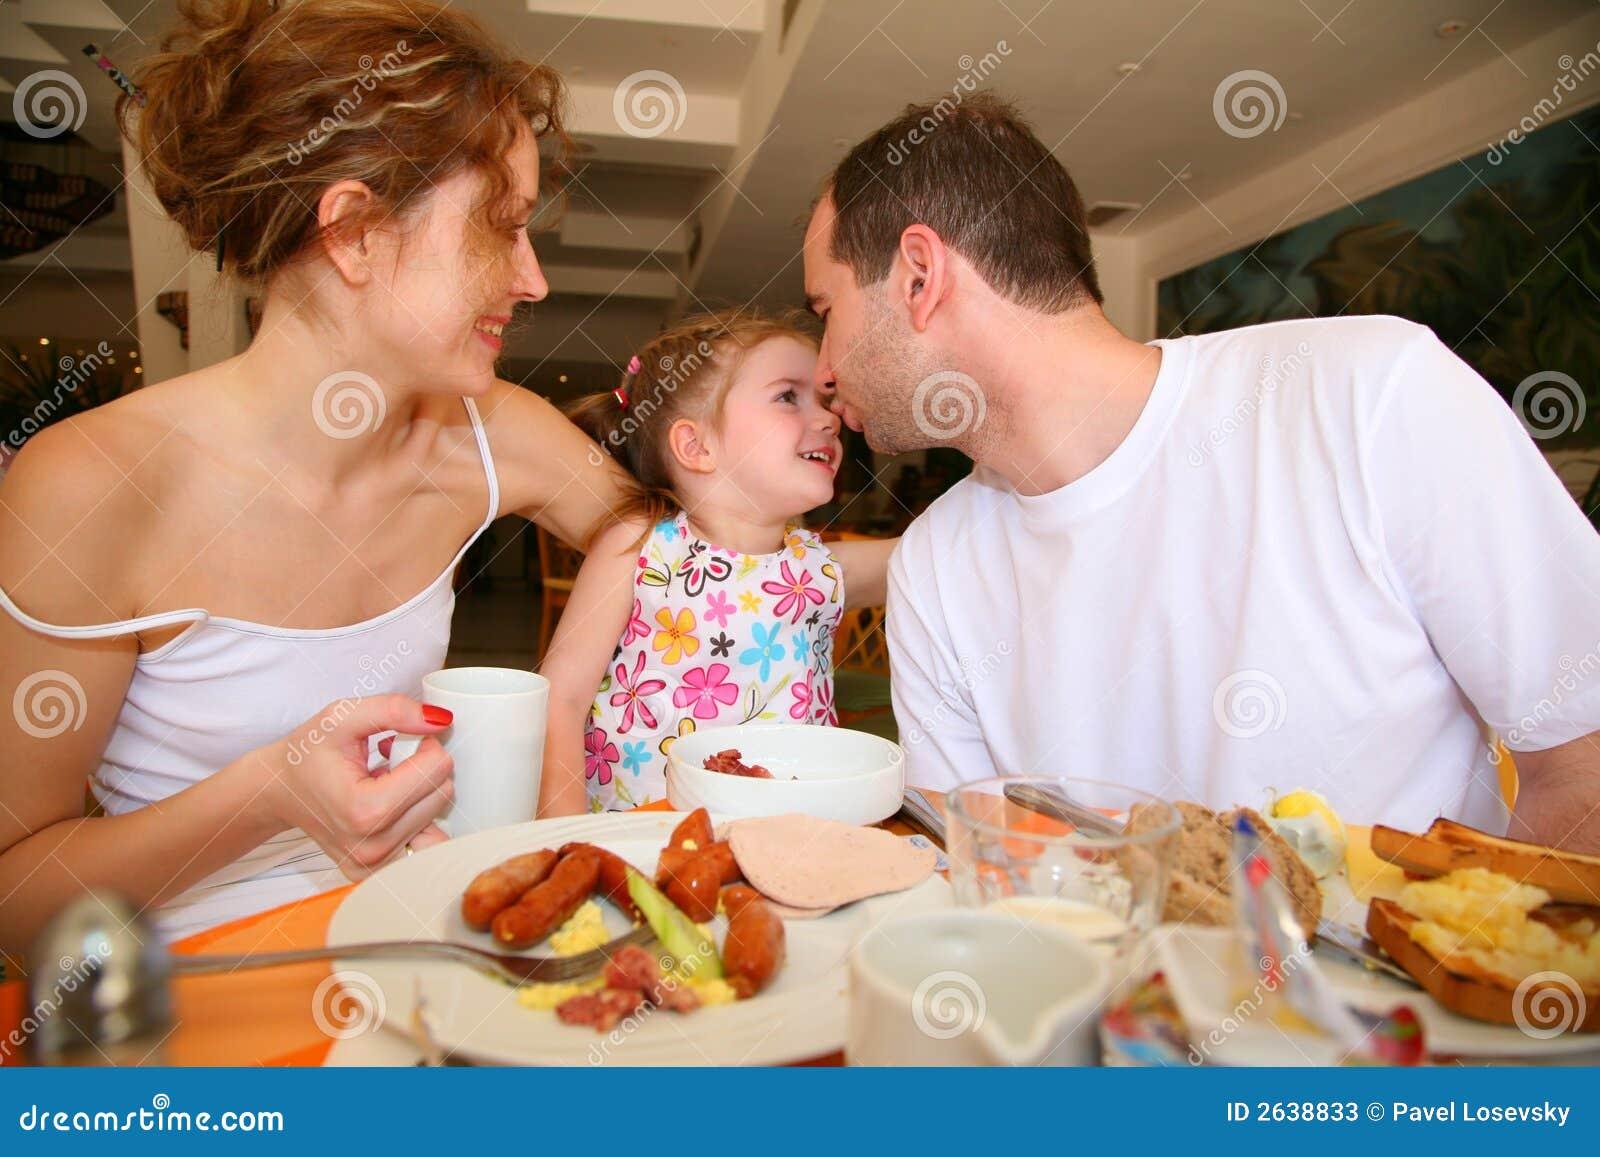 Ужин с мамой своими руками